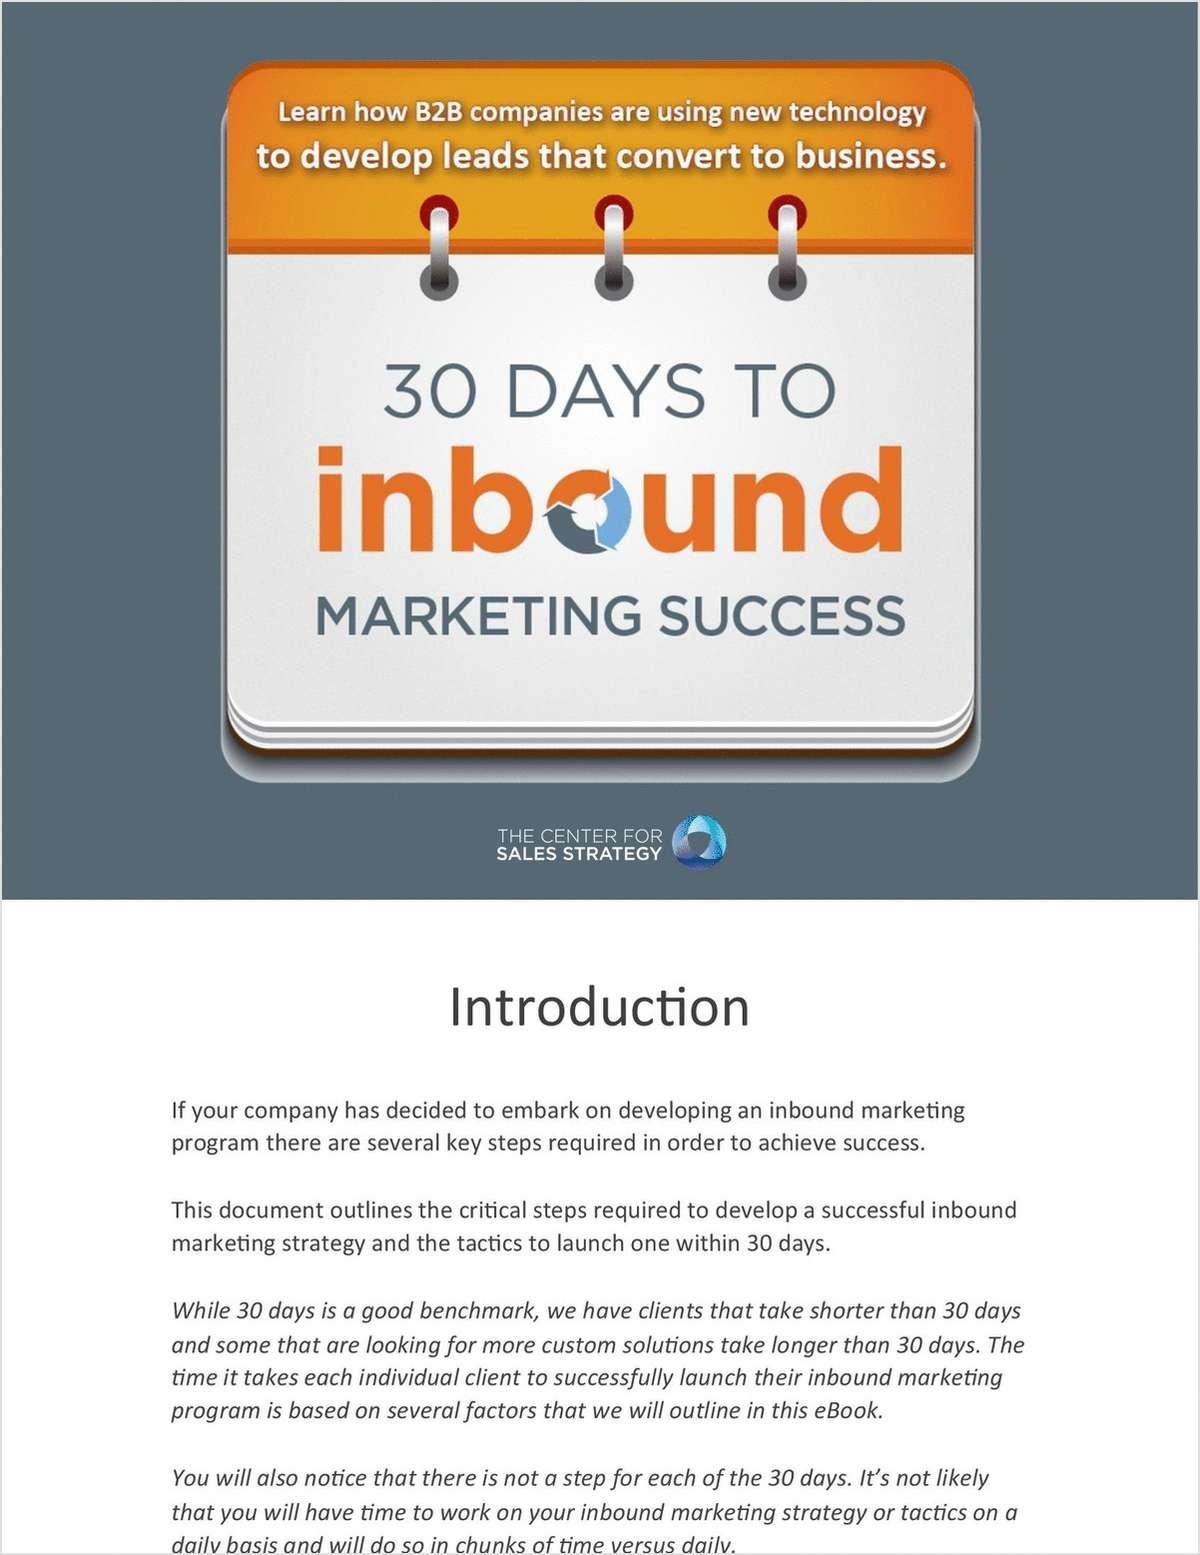 30 Days to Inbound Marketing Success